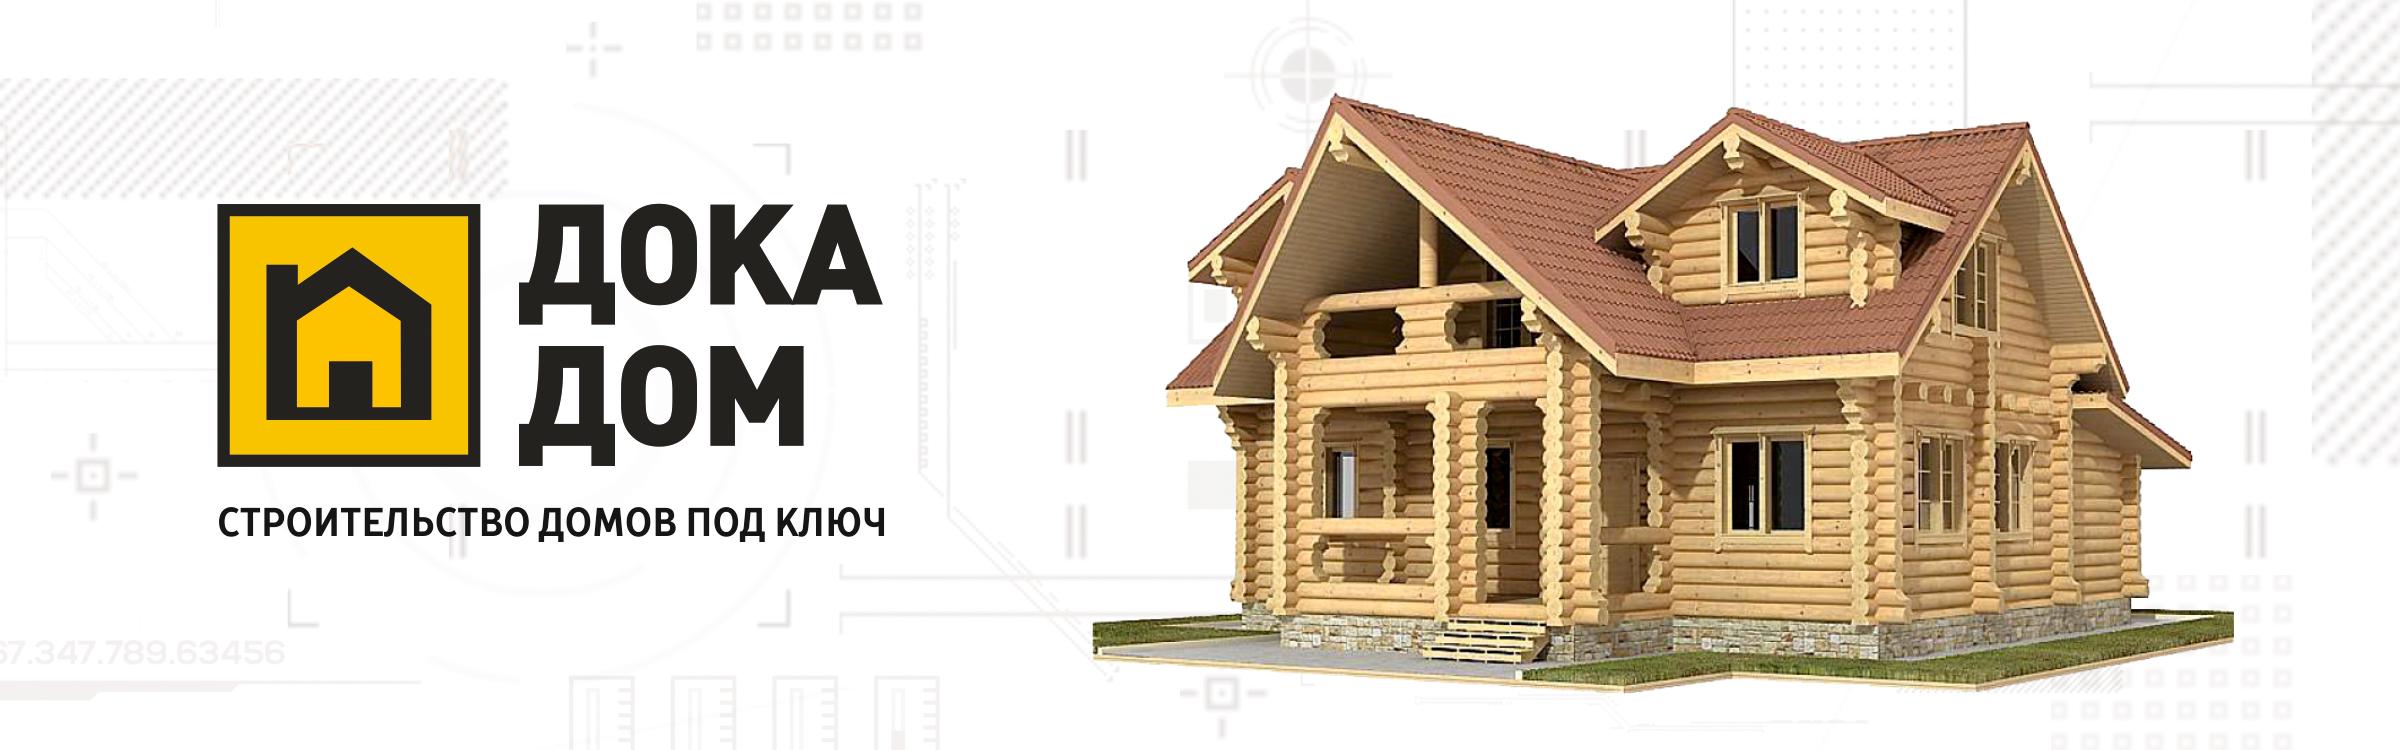 Строительство домов под ключ 'Дока Дом - Строительство домов под ключ' в Смоленске. Главная страница